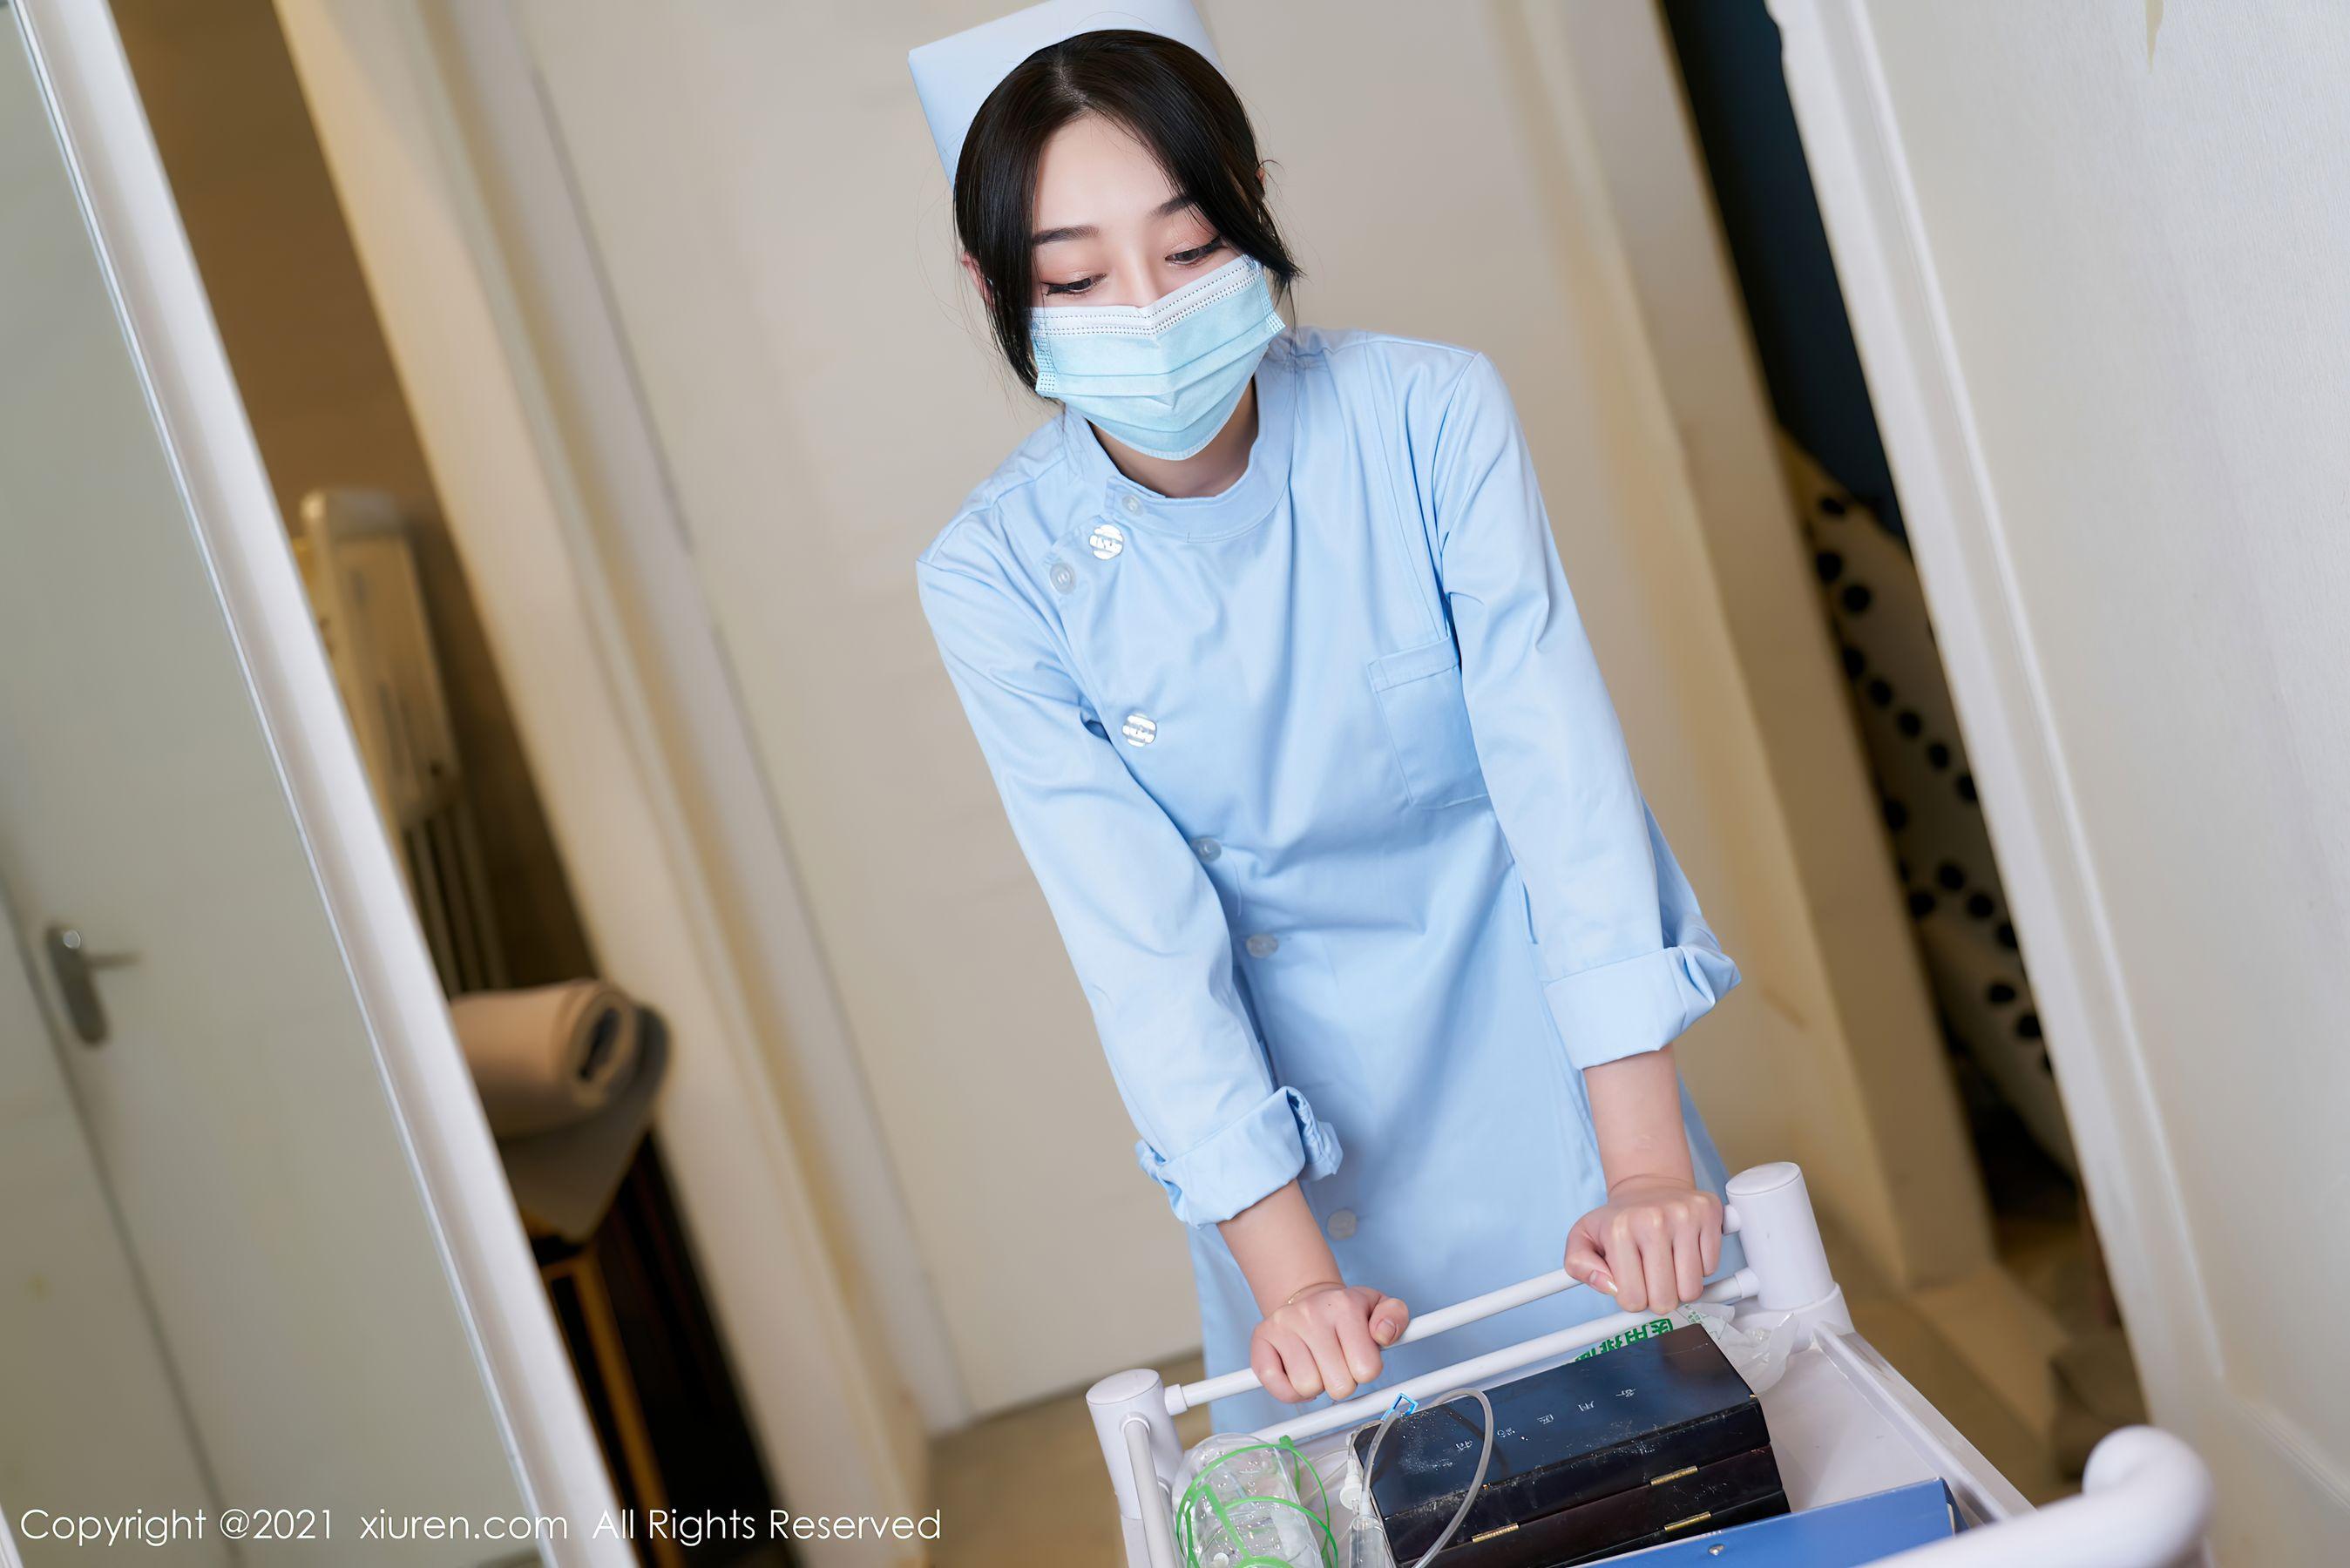 VOL.1576 [秀人网]护士制服制服诱惑美女故事:九月生超高清写真套图(85P)